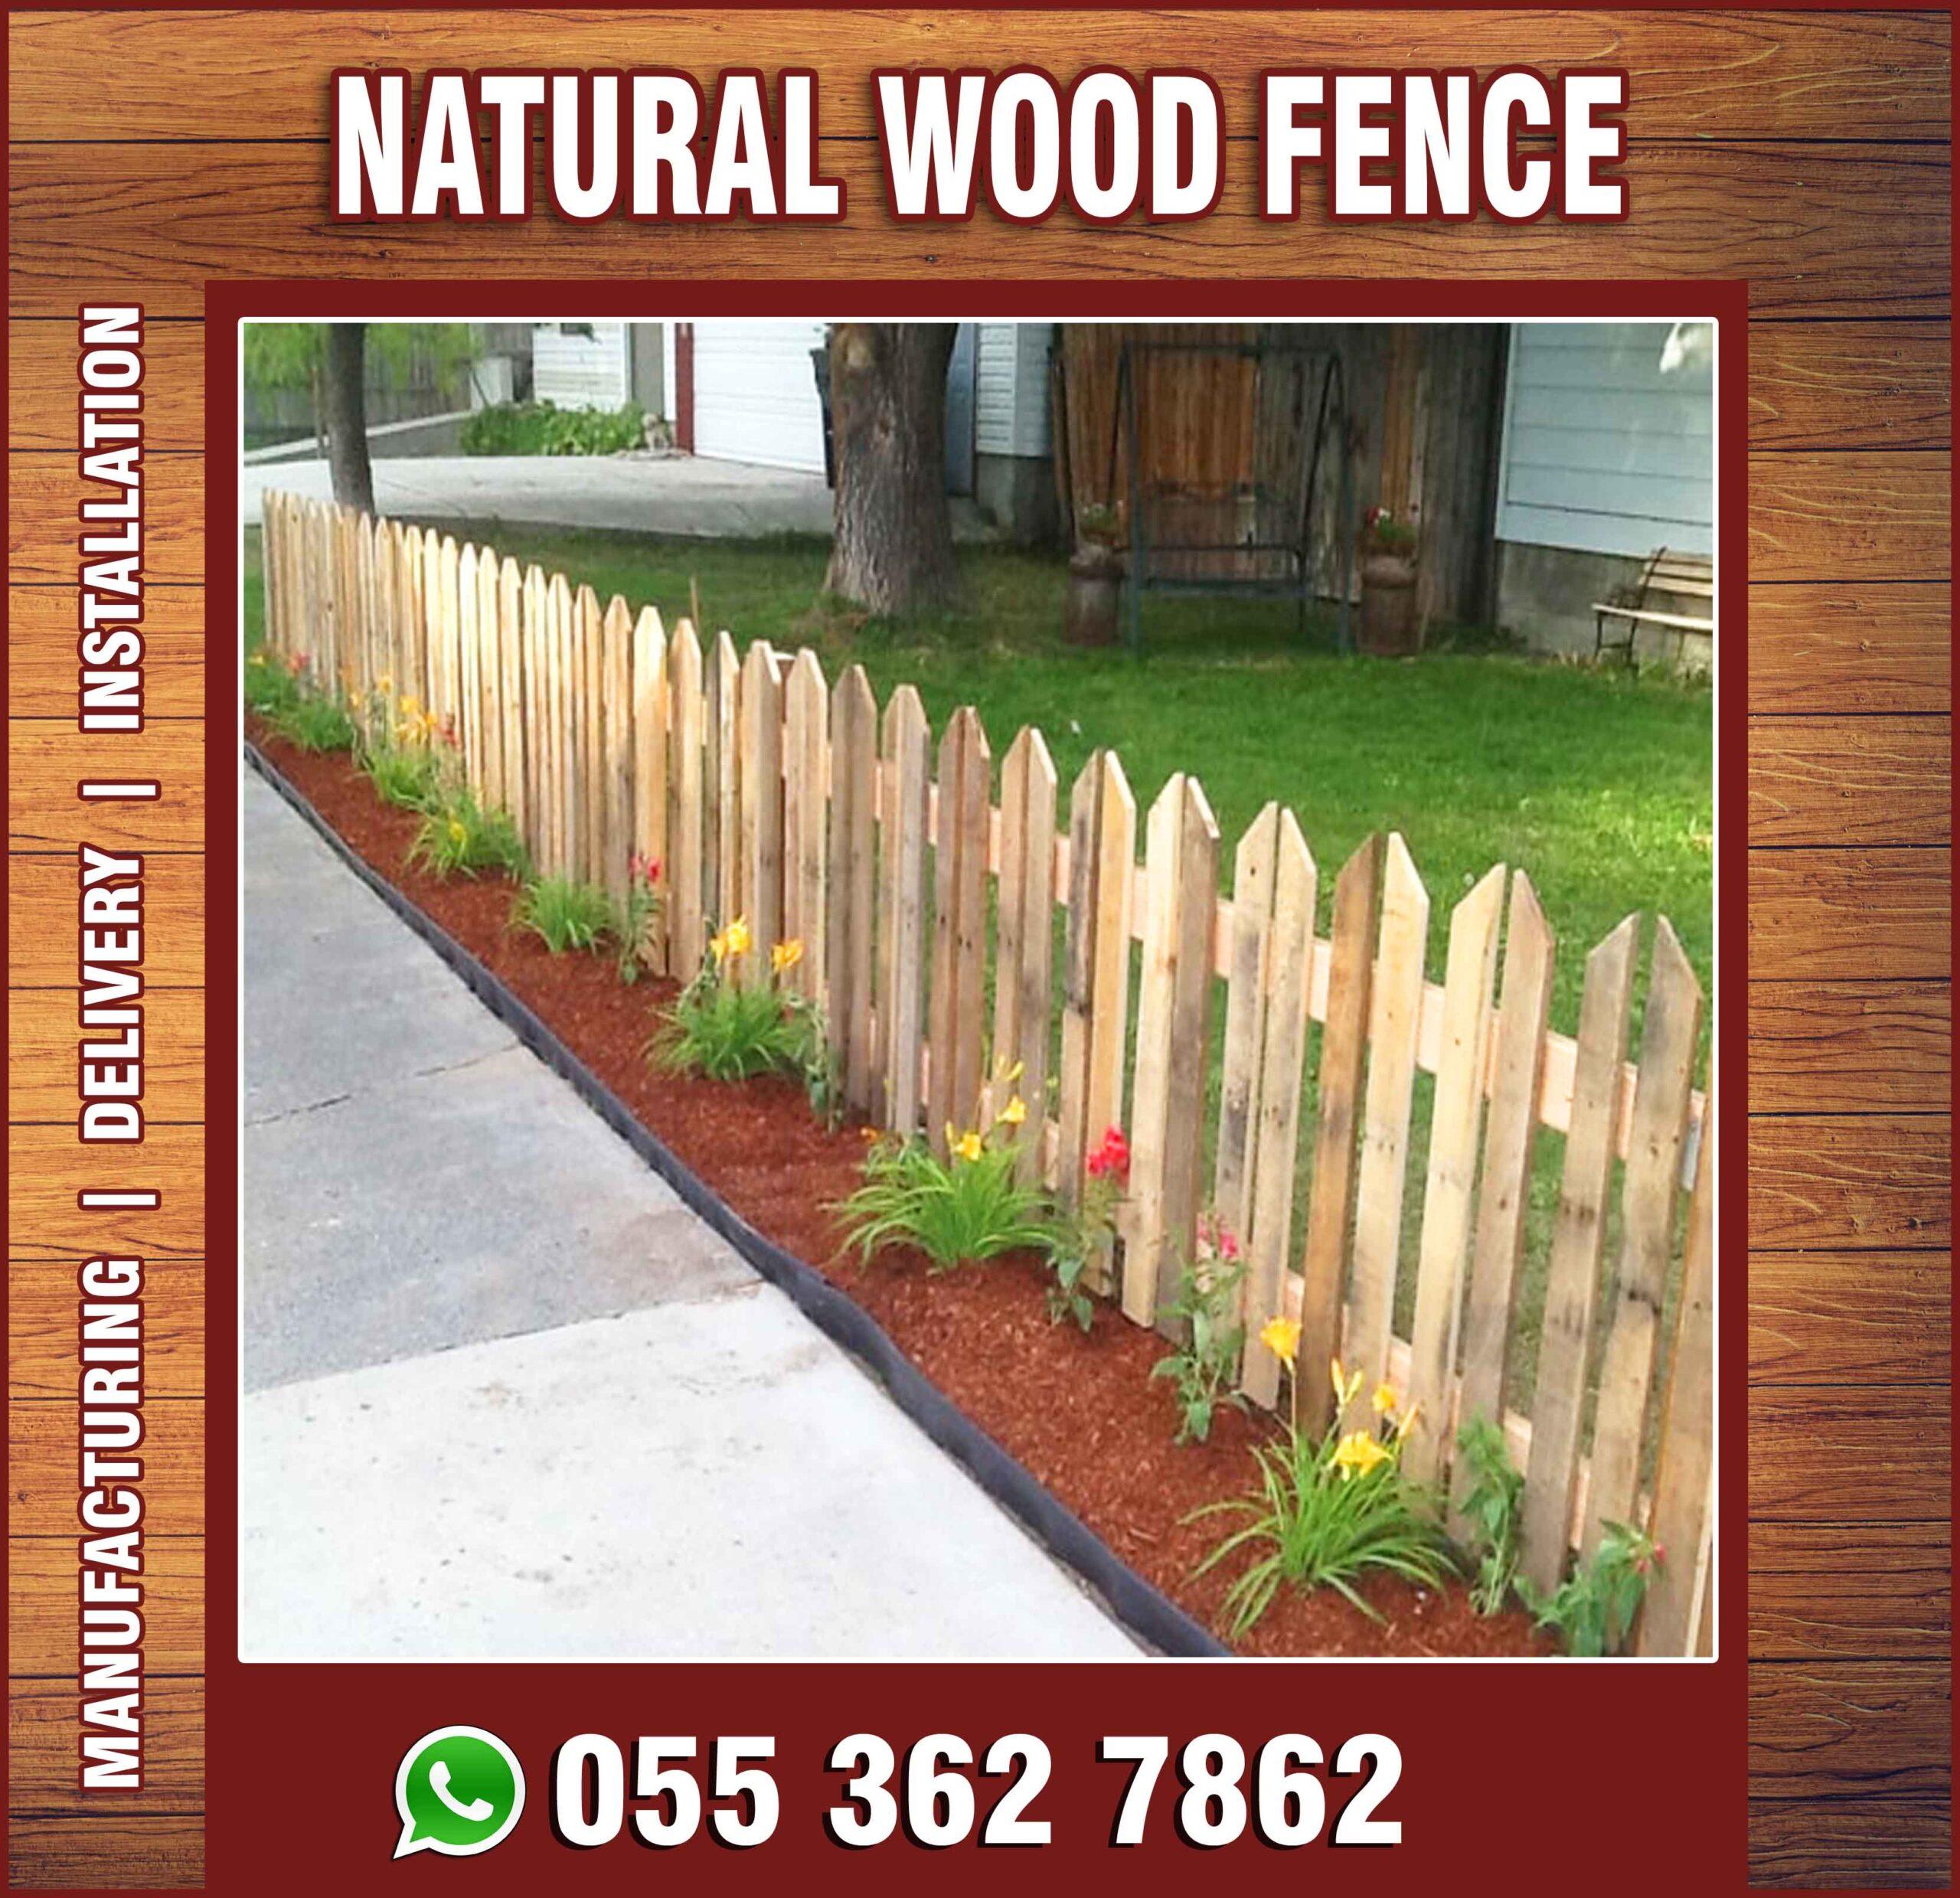 Natural Wood Fences in UAE-2.jpg